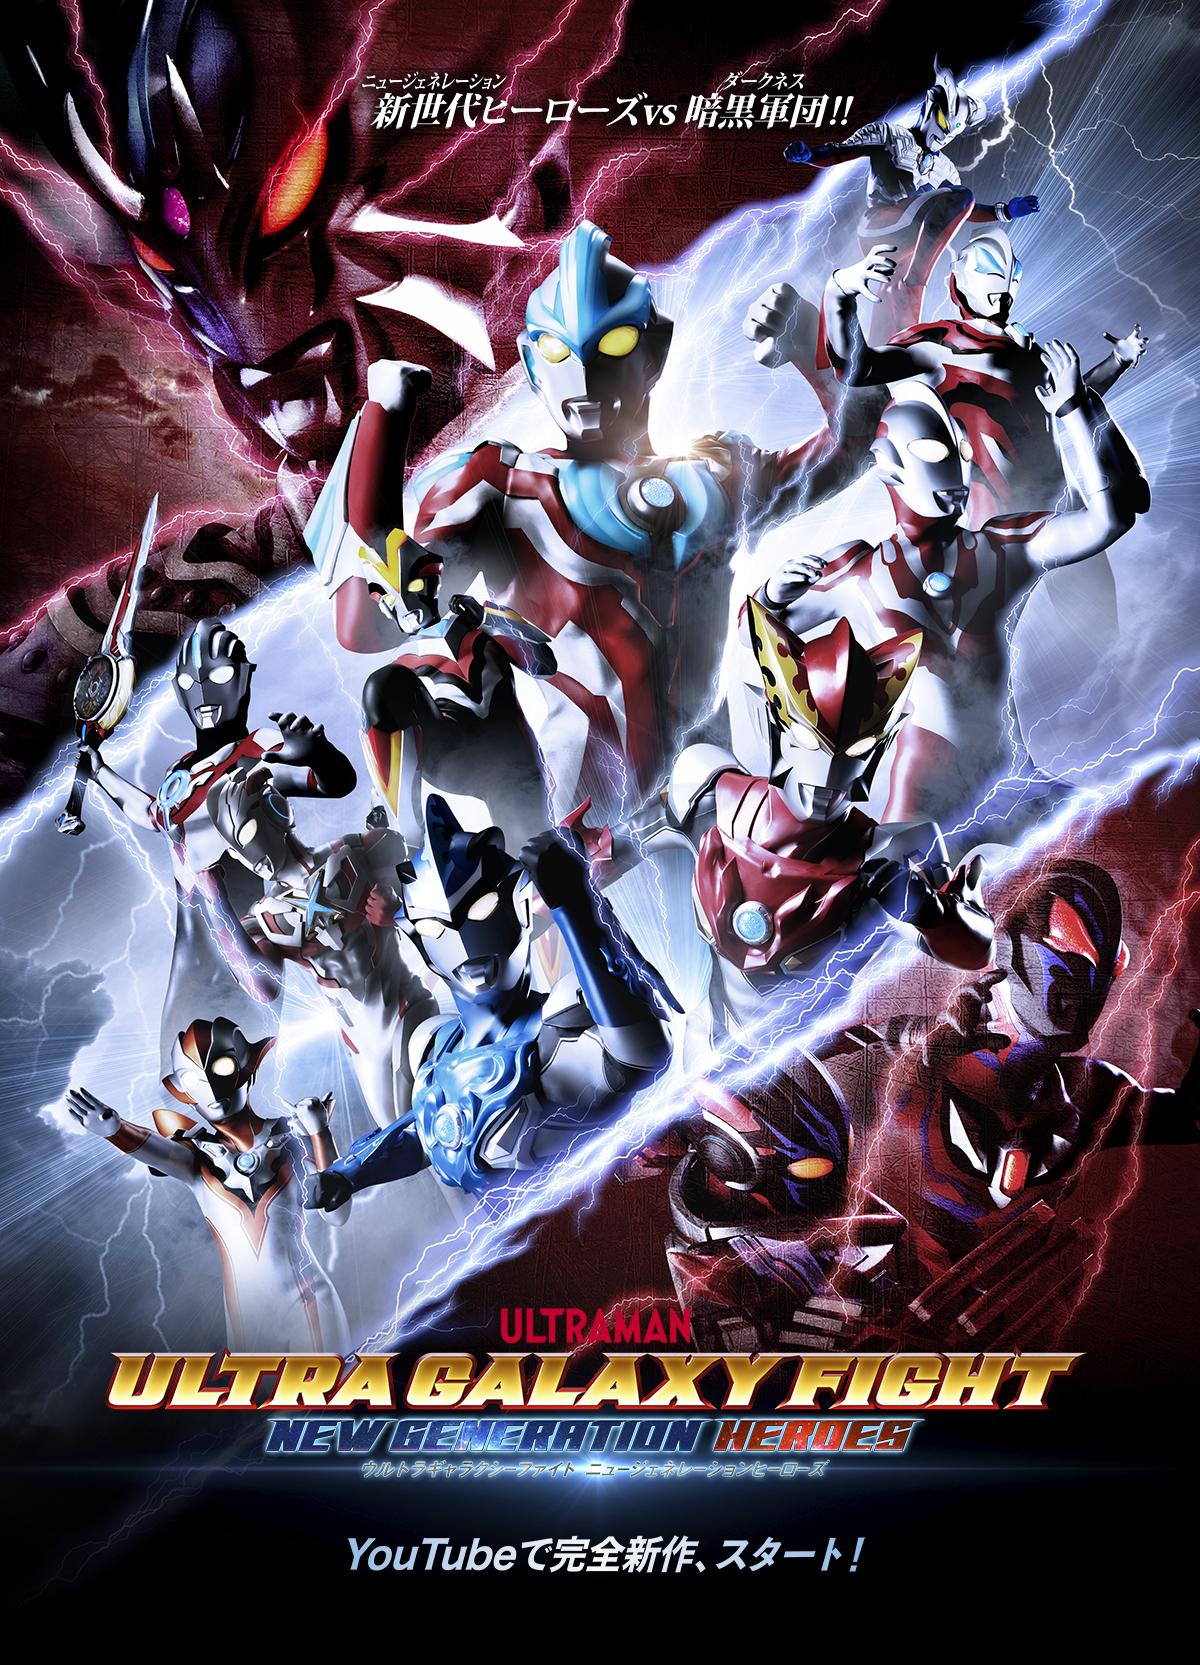 『ウルトラギャラクシーファイト ニュージェネレーションヒーローズ』 (C)TSUBURAYA PRODUCTIONS Co., Ltd. (C)円谷プロ